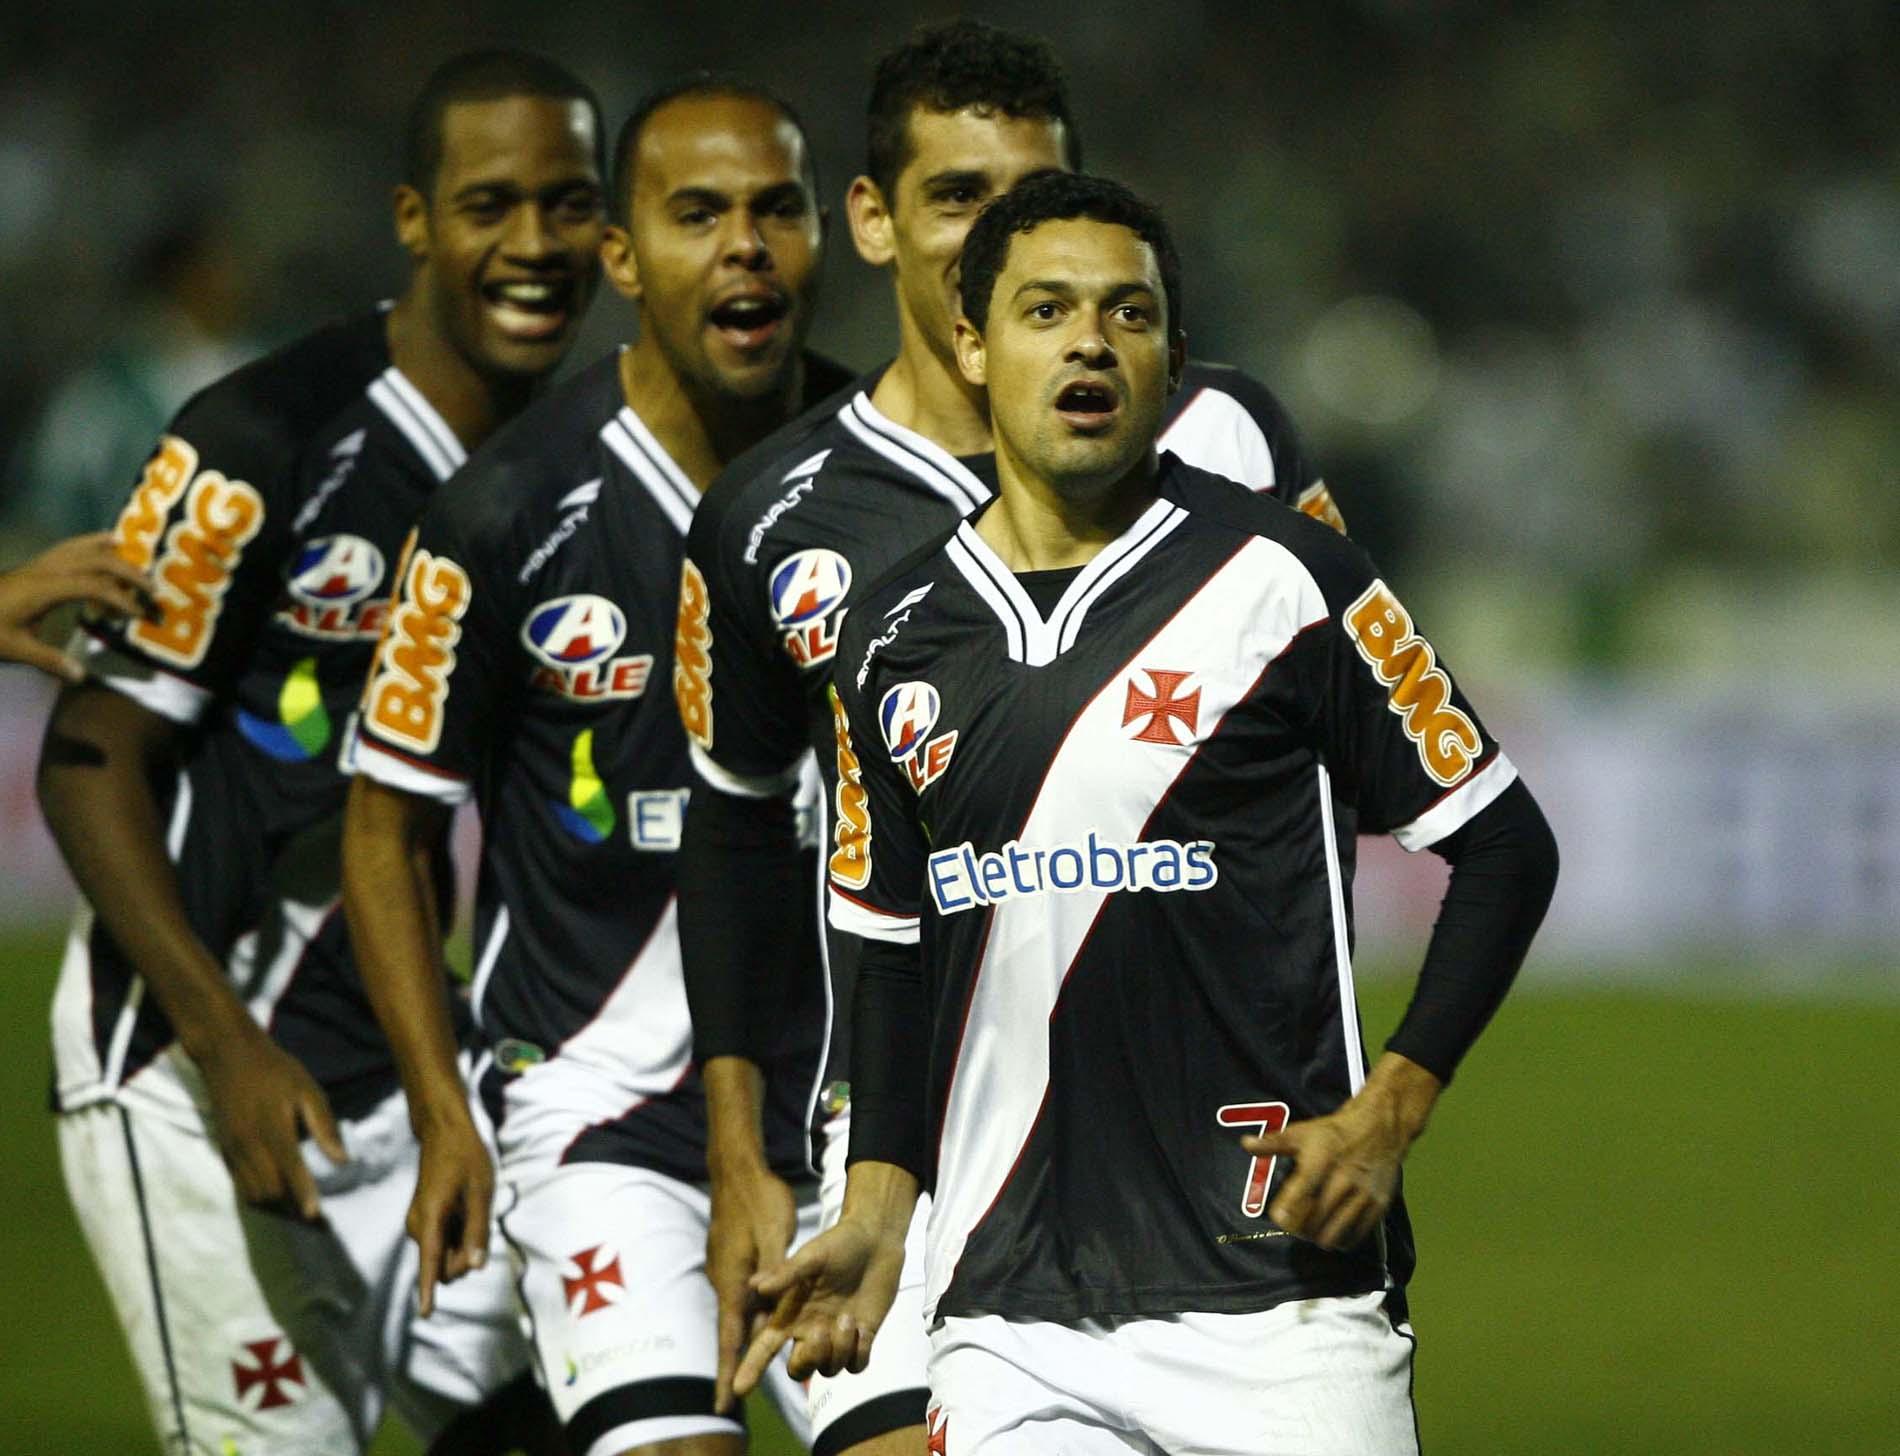 aec8c0e591 NETVASCO - Confira galeria de fotos do jogo do título do Vasco na ...